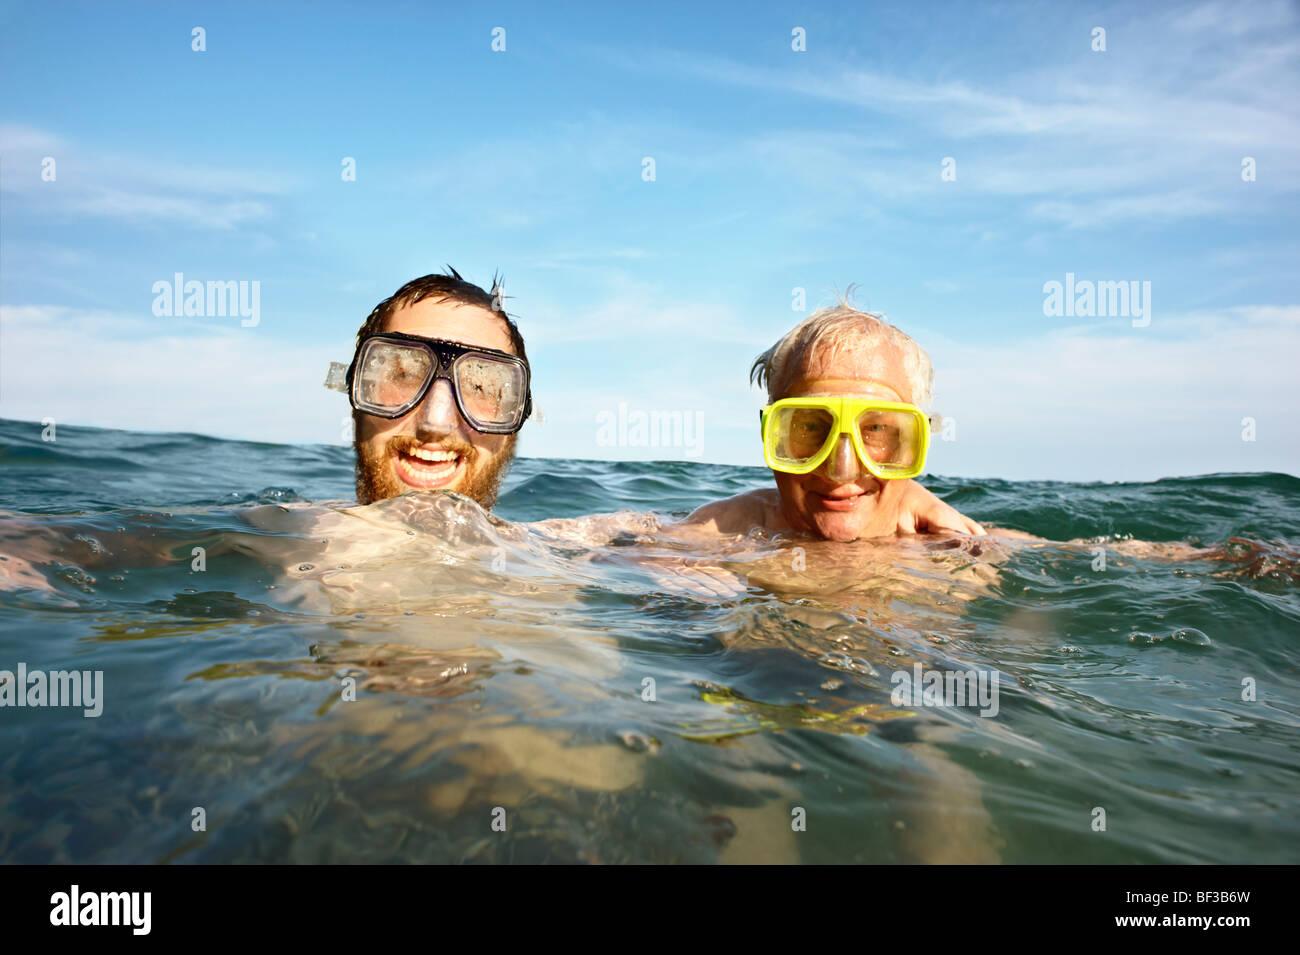 Ritratto di due uomini a nuotare in mare Immagini Stock